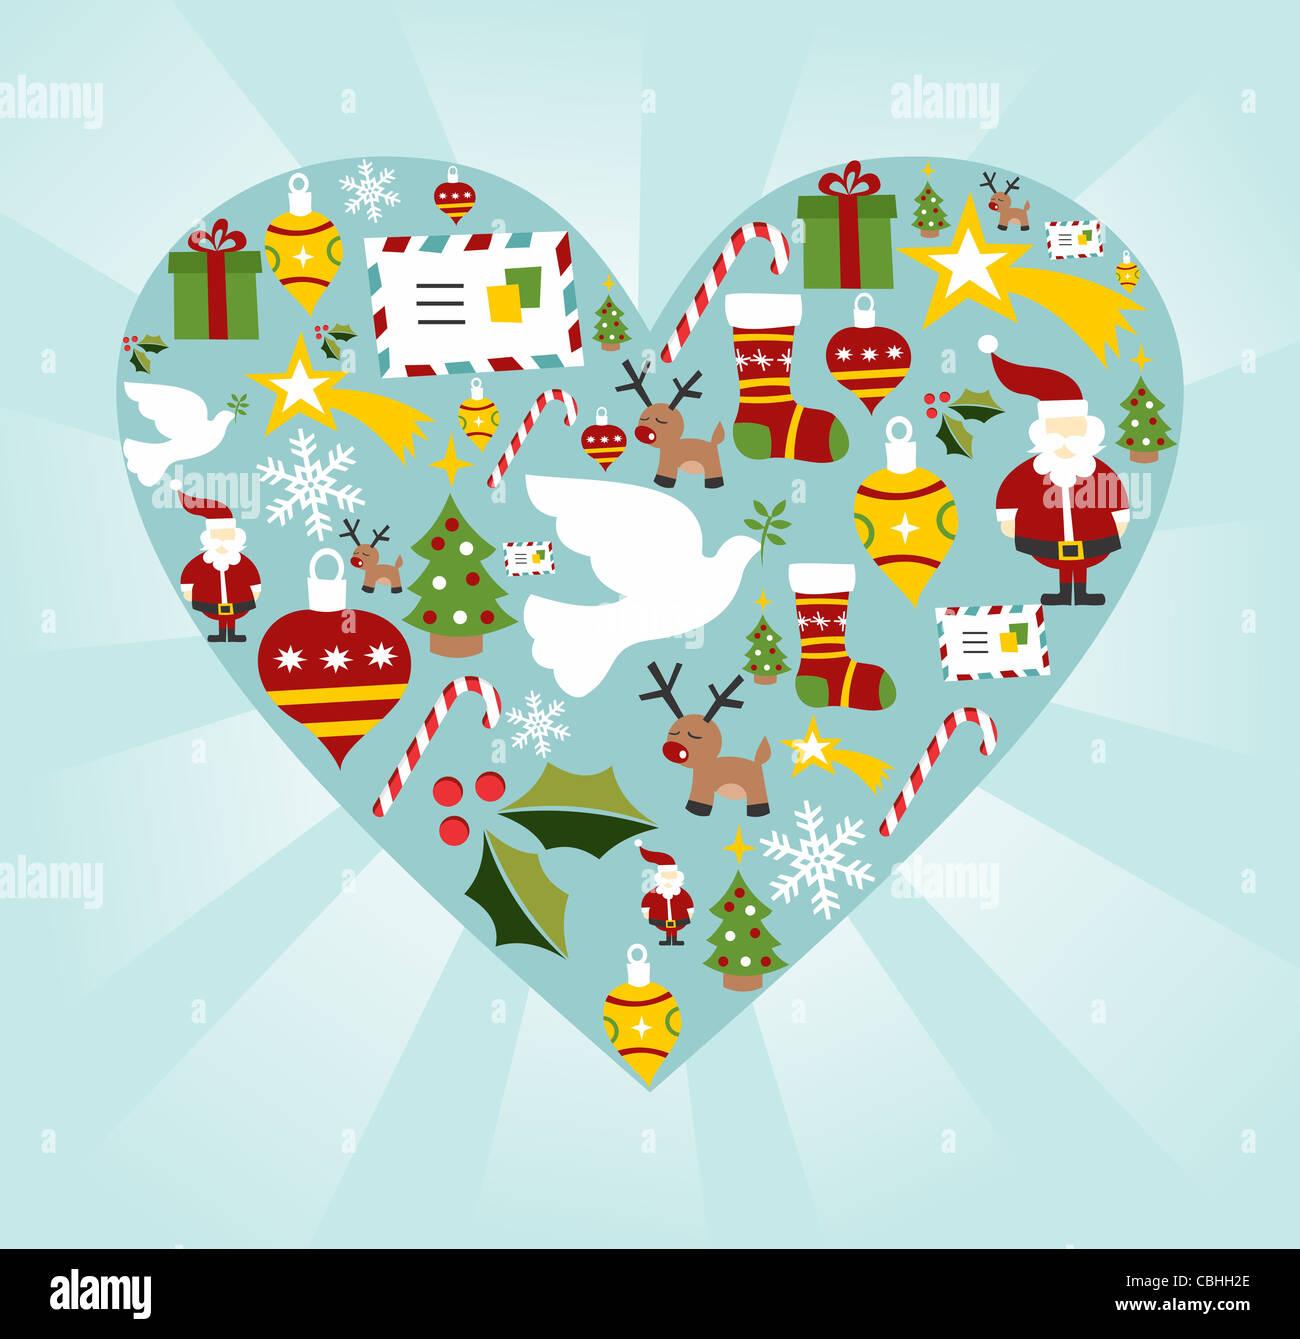 Ensemble d'icônes de Noël en forme de coeur fond. Fichier vecteur disponible. Photo Stock